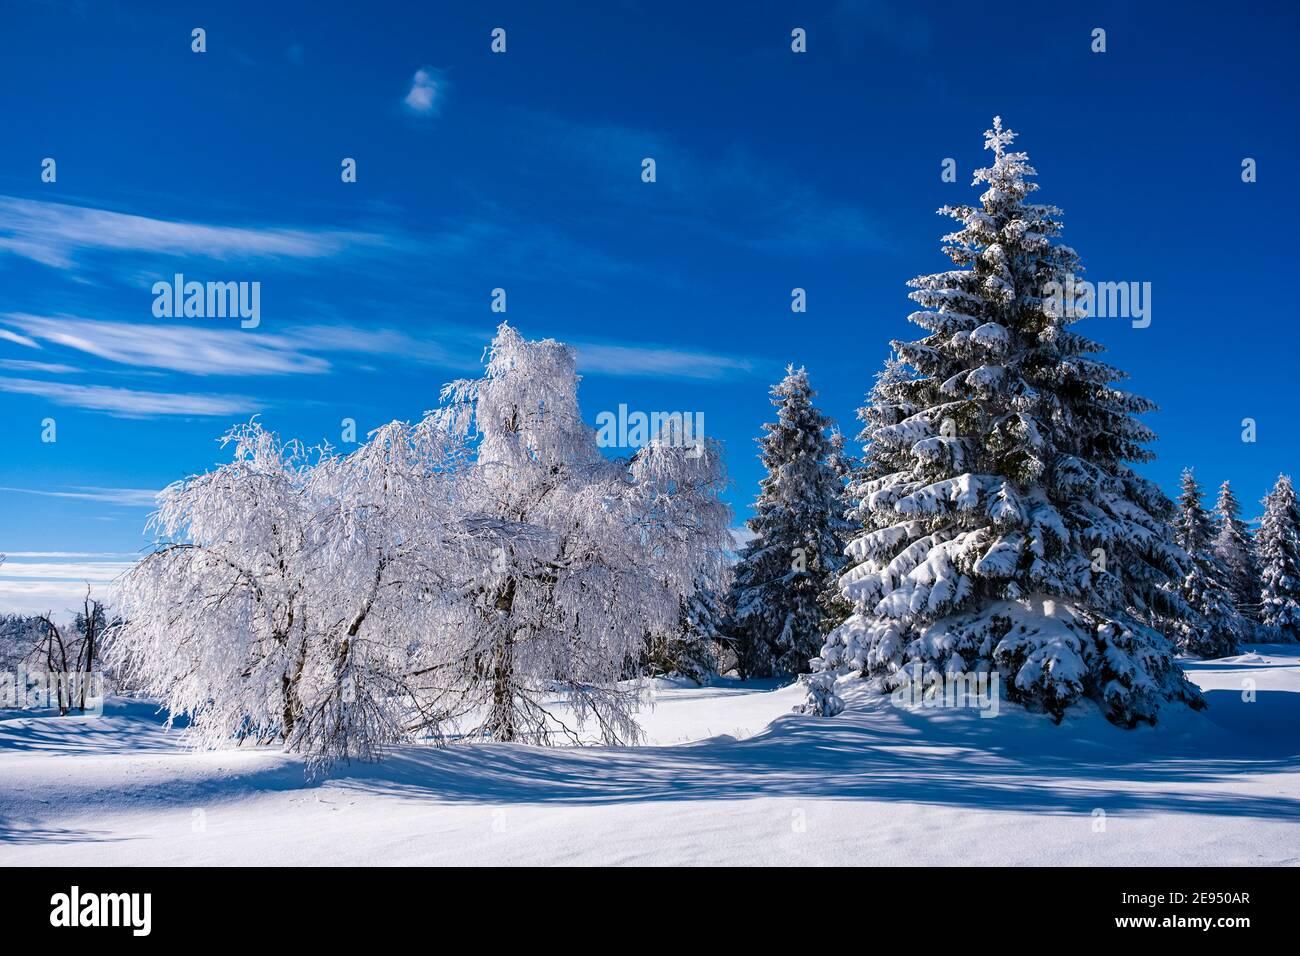 Paisaje invernal con árboles, hierros y nieve en un día soleado en las montañas de Ore. Foto de stock